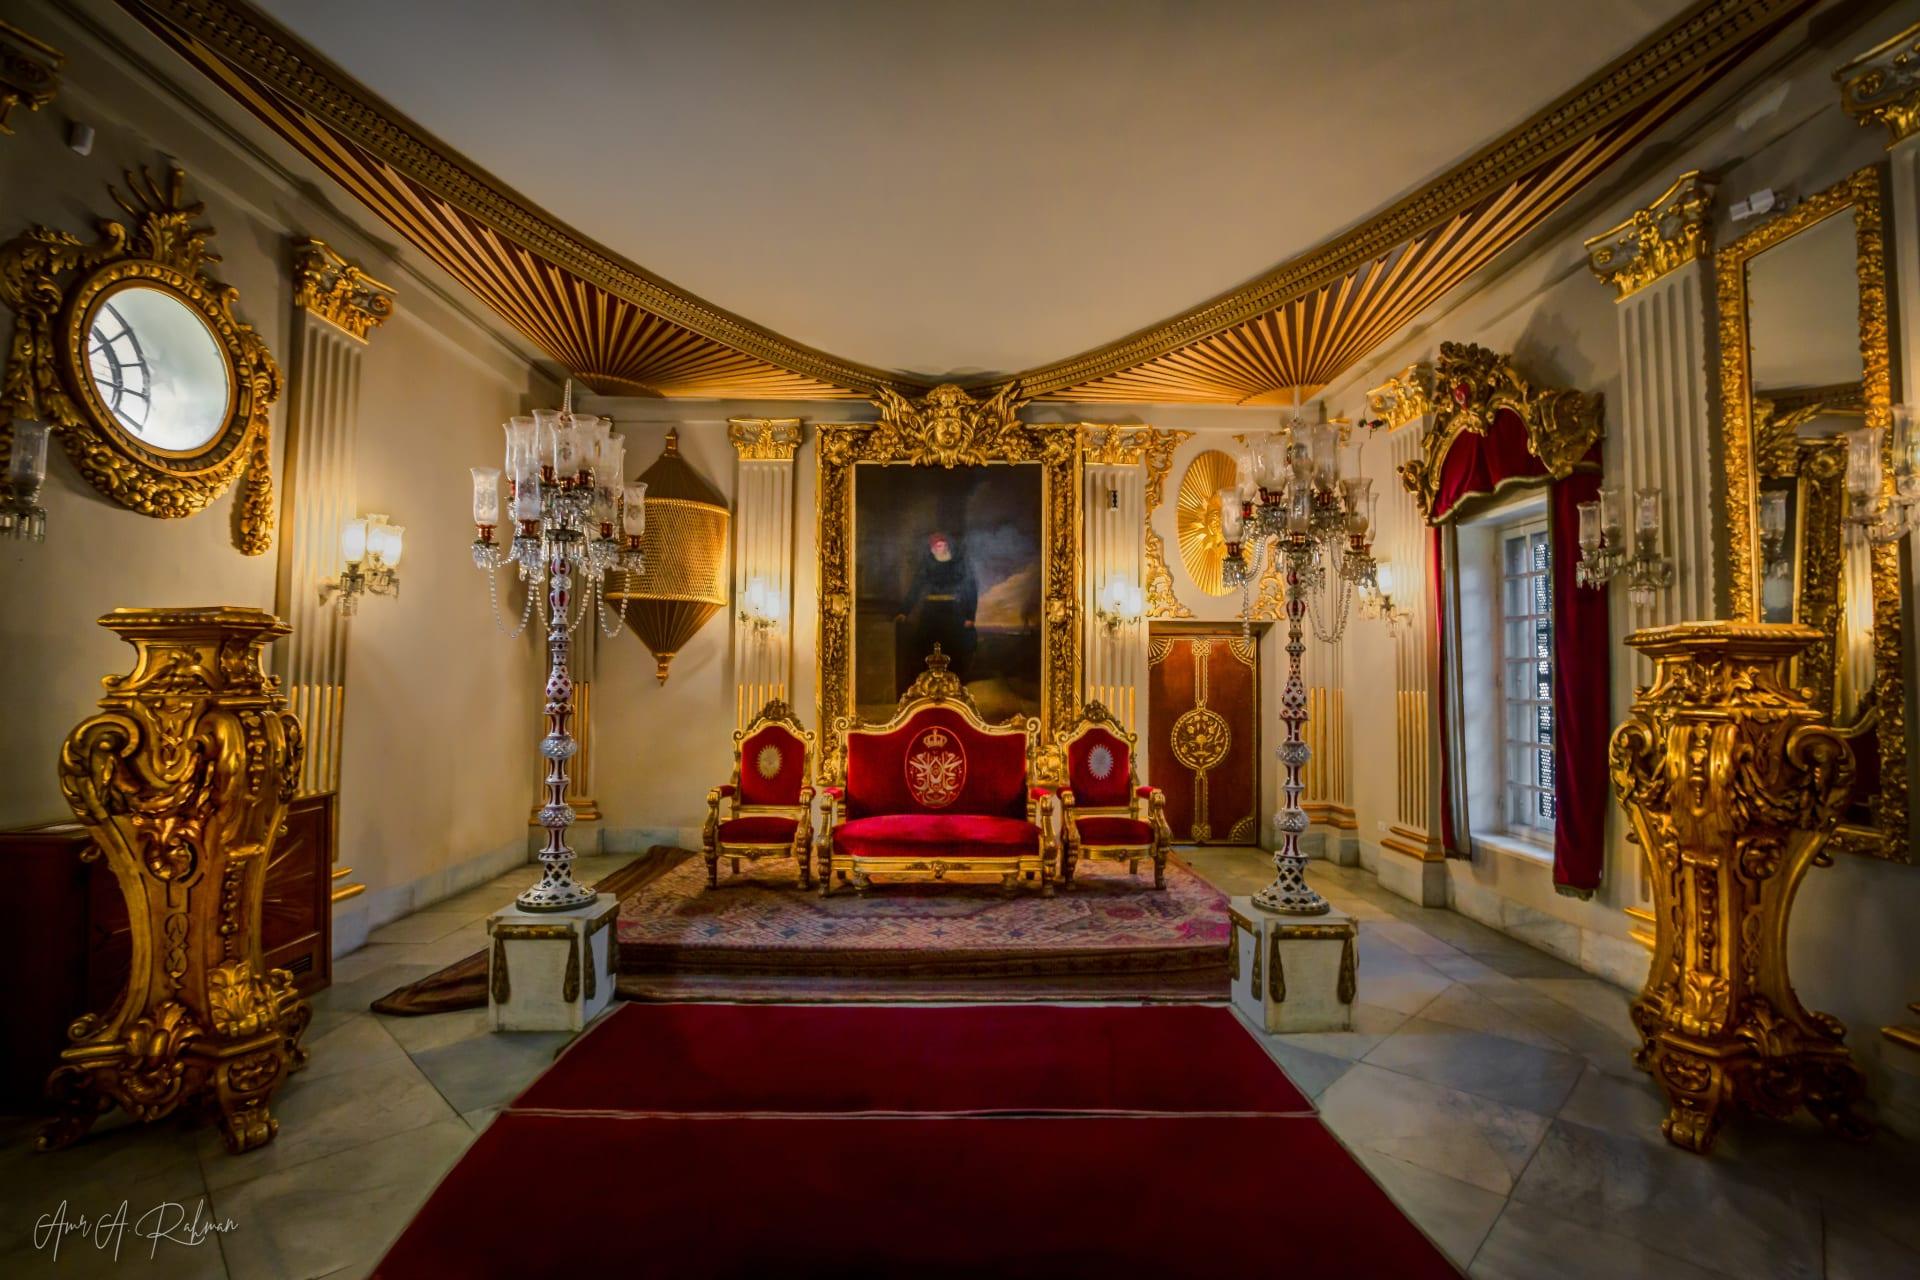 عرش بلا حاكم.. إليكم قصة قصر الأمير محمد علي في القاهرة